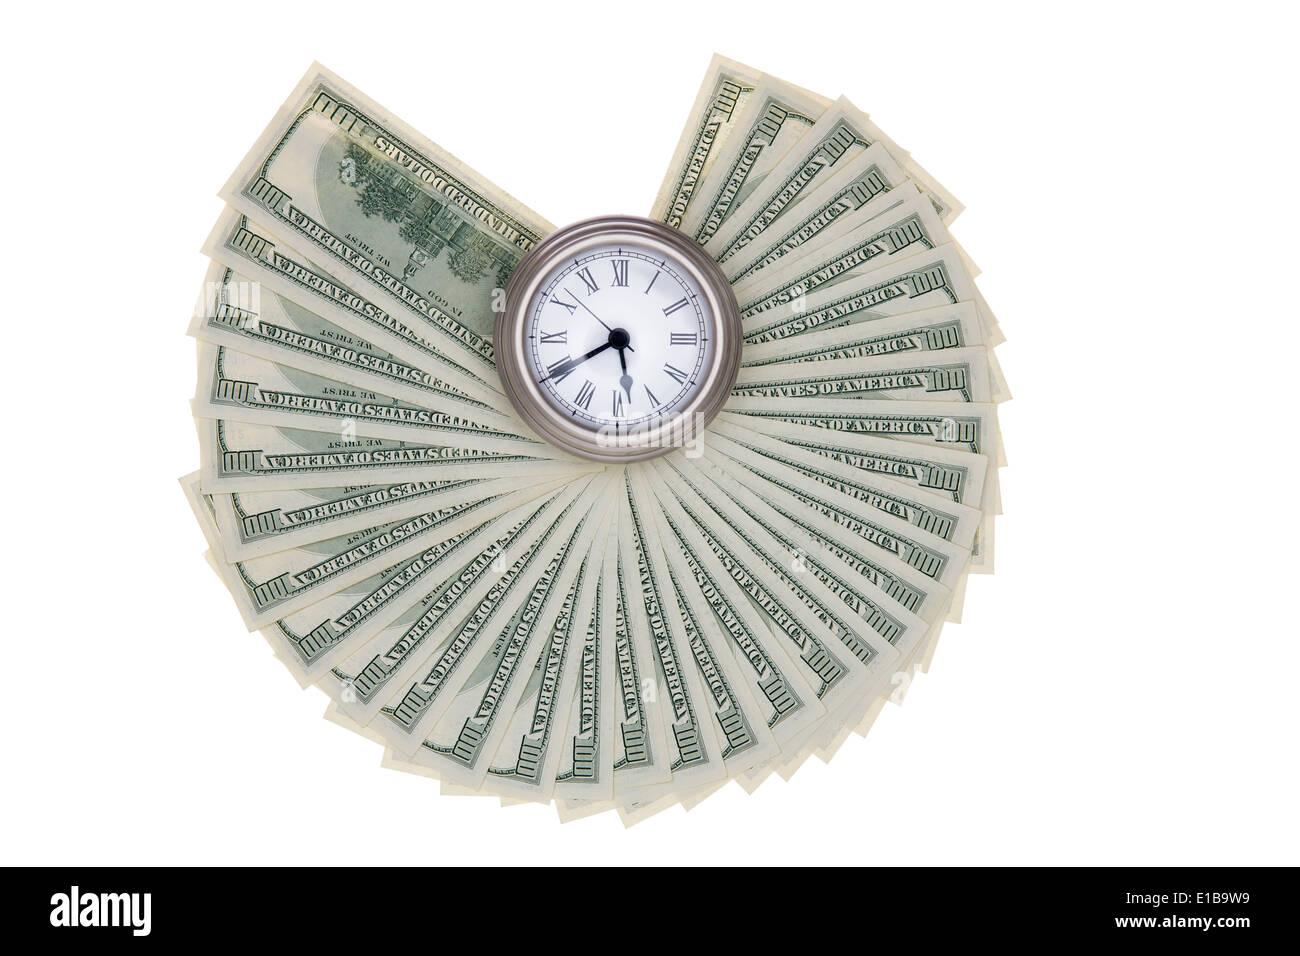 Amerikanische Dollarscheine aufgefächert um eine Taschenuhr, die isoliert auf einem weißen Hintergrund in einem Finanzkonzept Darstellung timing Stockbild